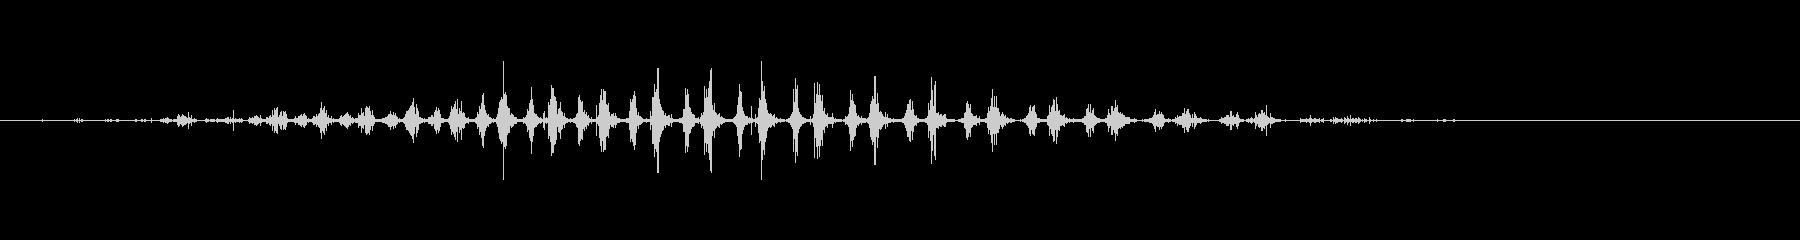 シェーカー ウッドラトルダイナミック04の未再生の波形